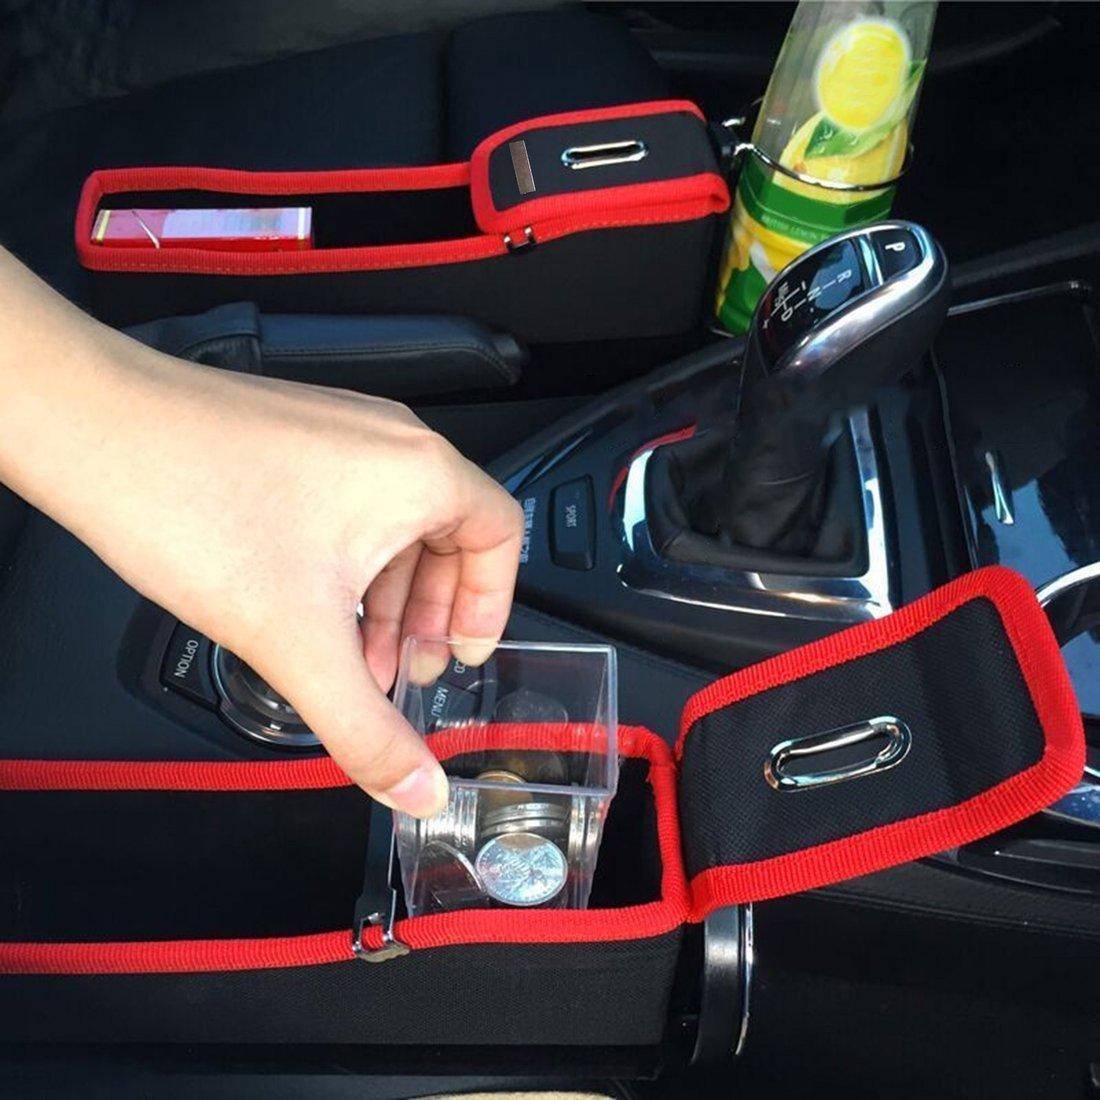 Organizzatore multifunzionale per seggiolino auto Gap Storage Cup Contenitore per bevande Colore: rosso e nero